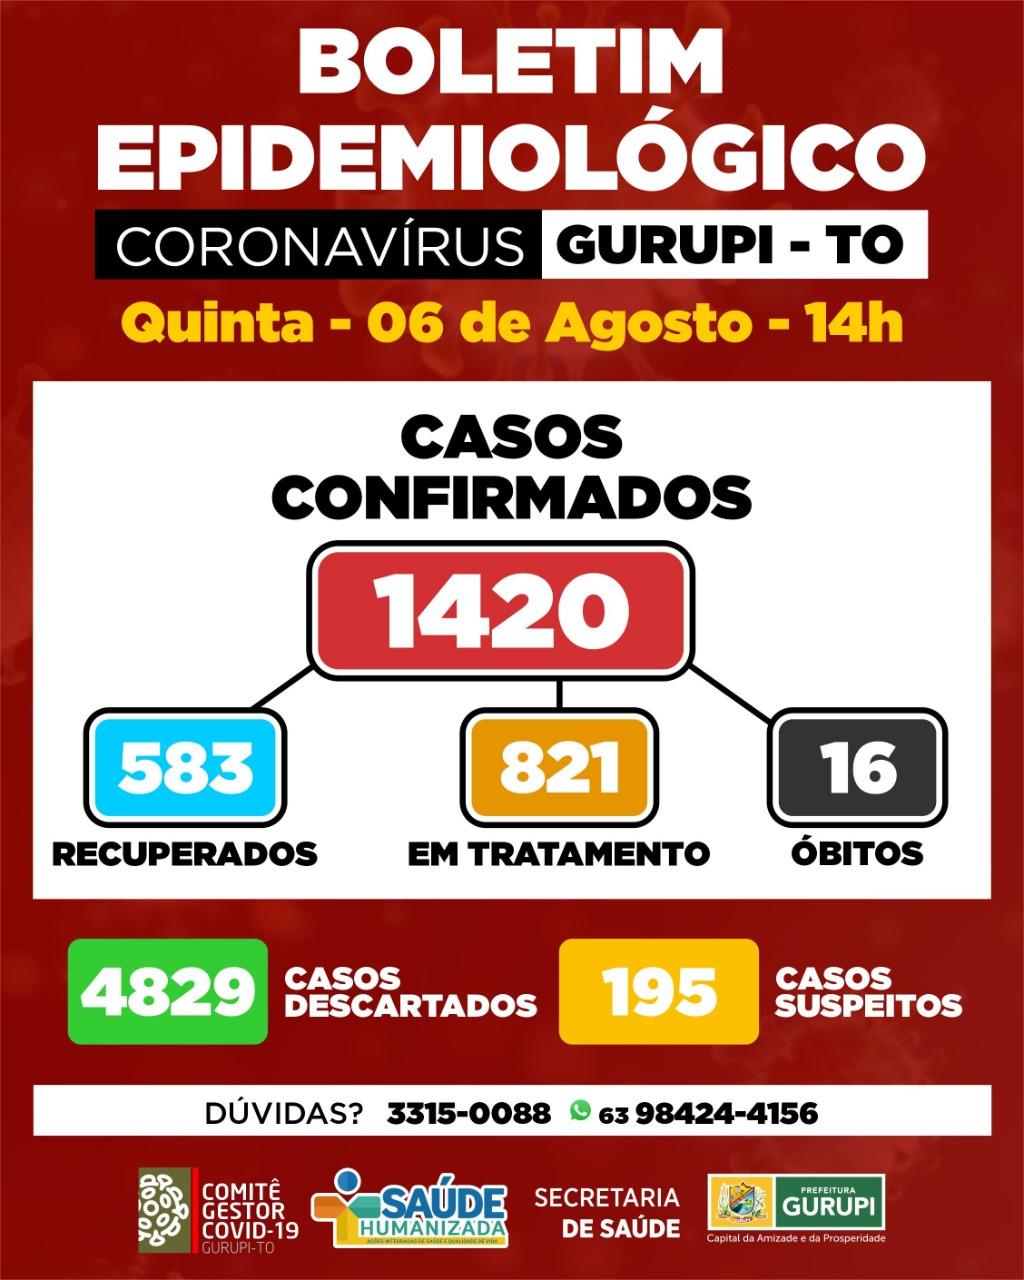 Boletim epidemiológico de Gurupi registra 61 novos casos positivos de coronavírus